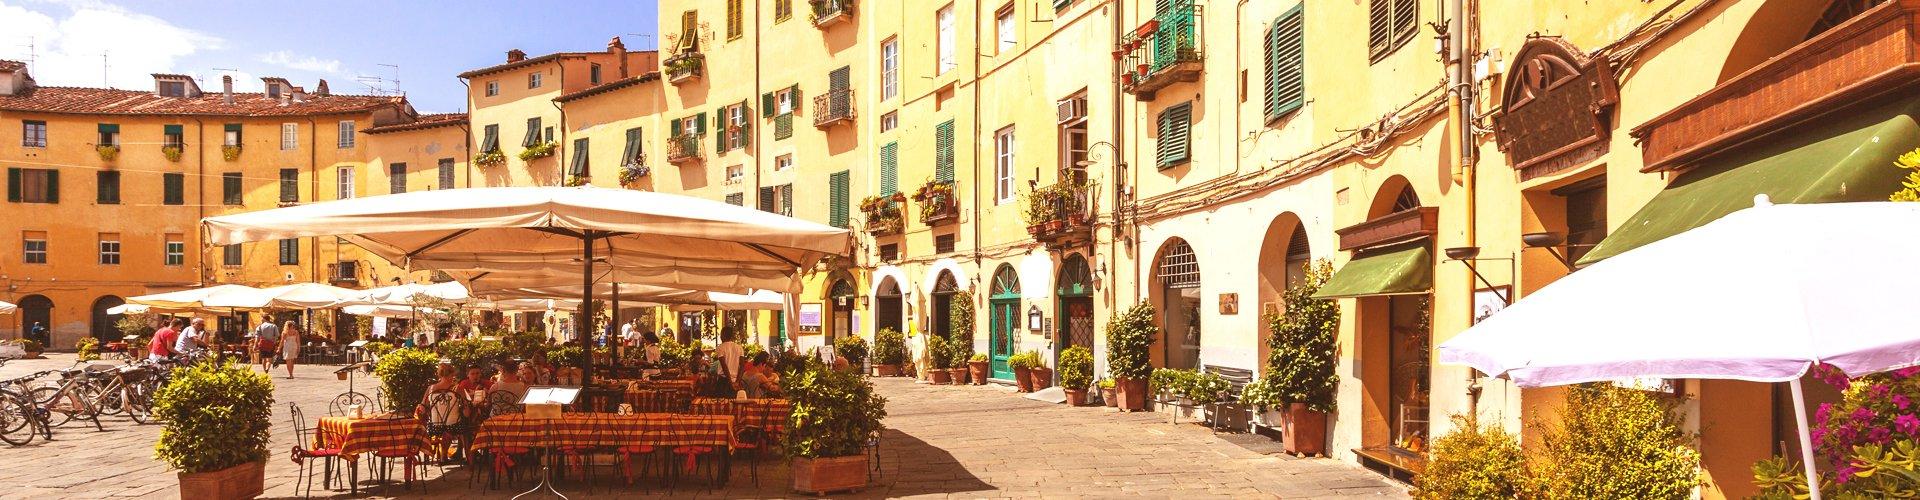 Lucca, Italië